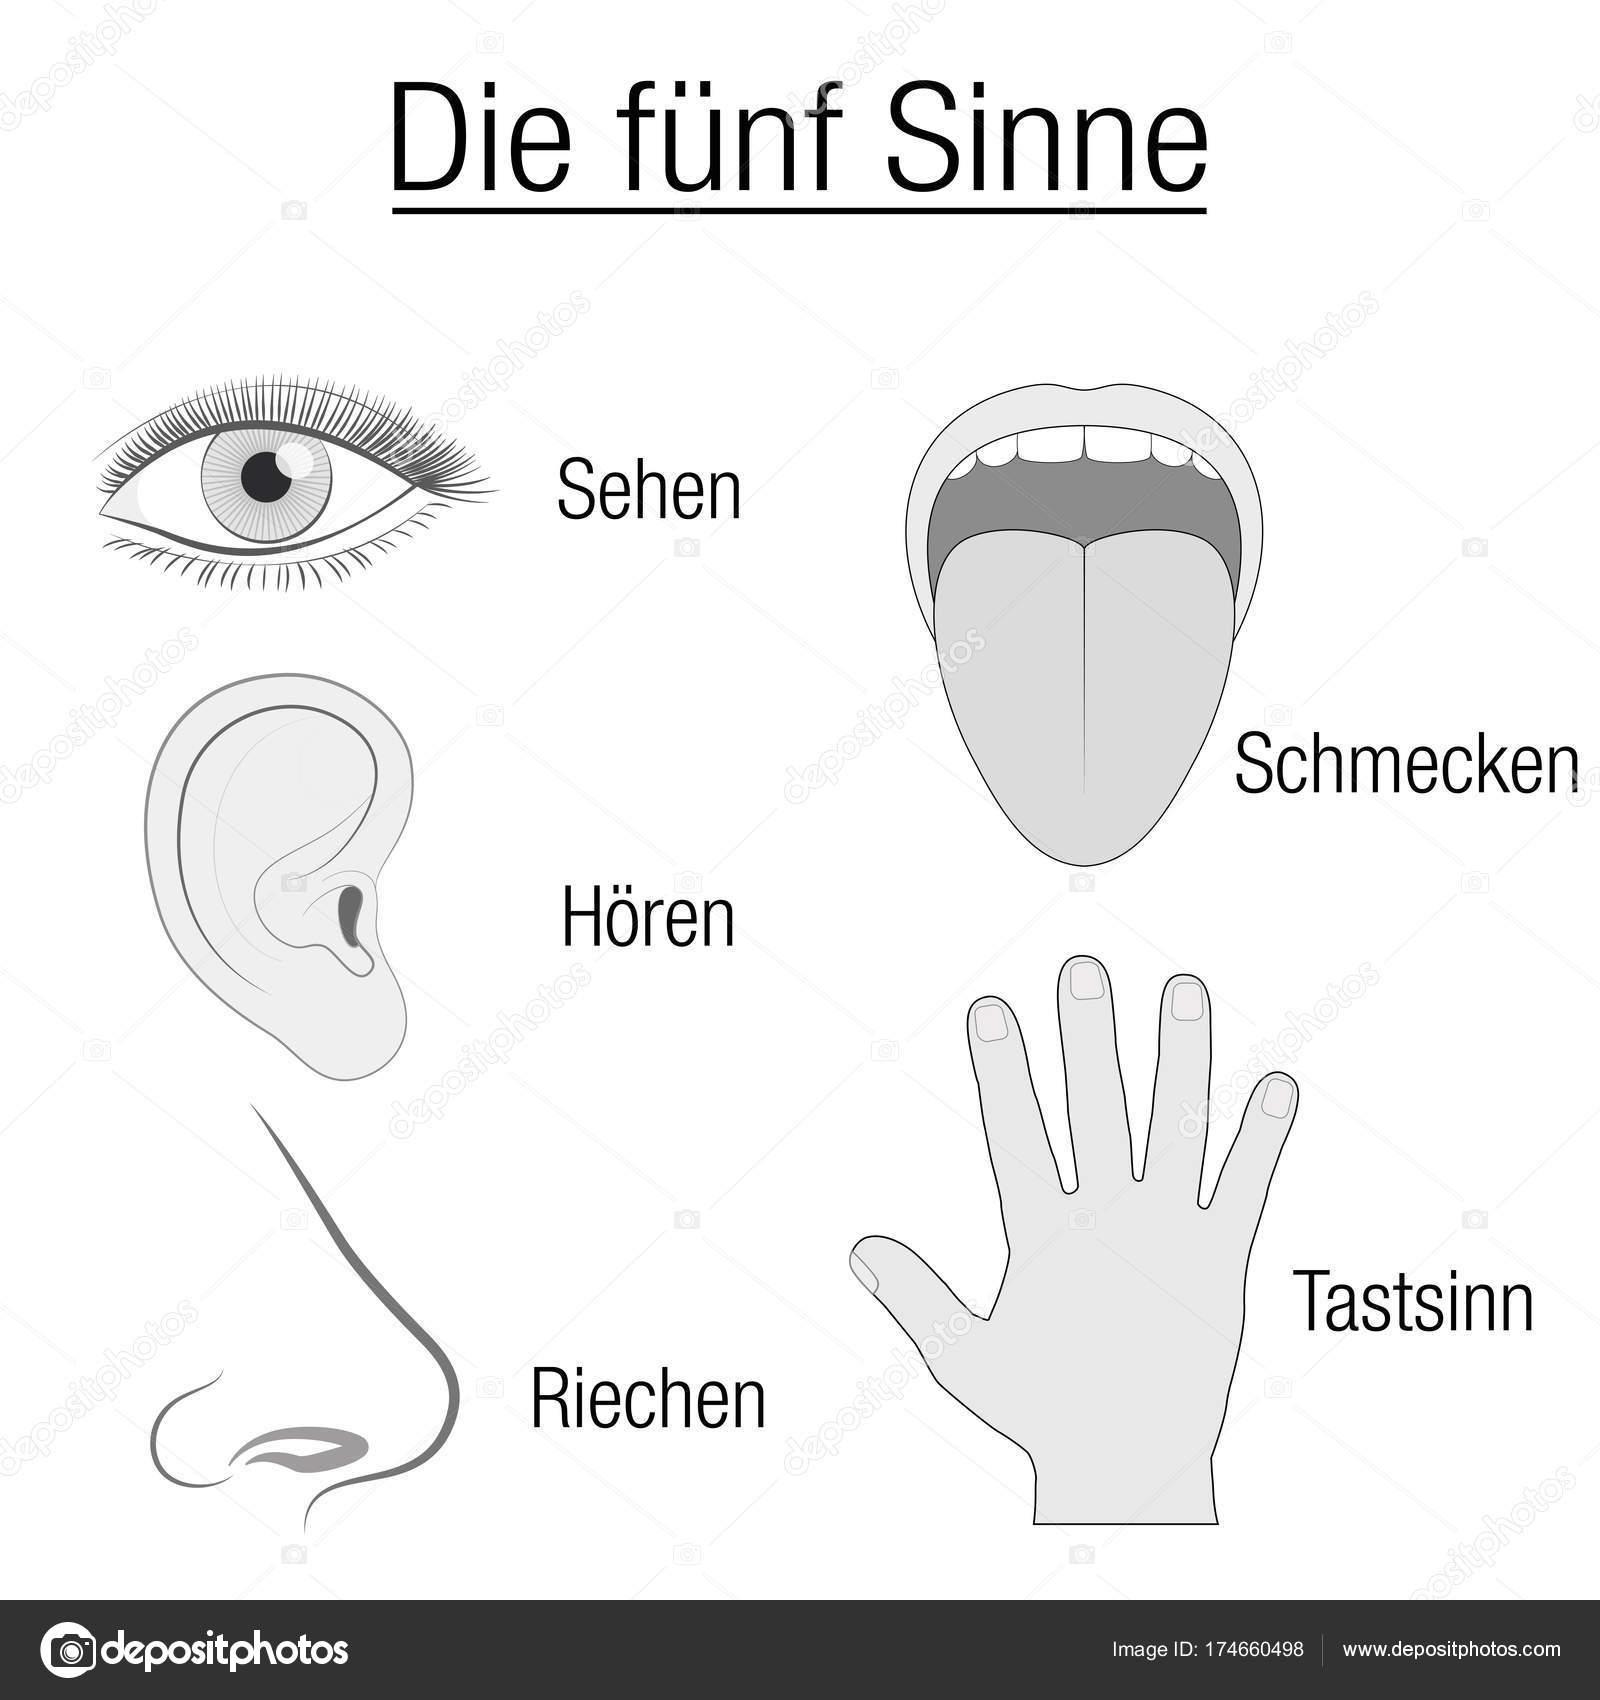 Funf Sinne Sinnesorgane Deutsche Chart